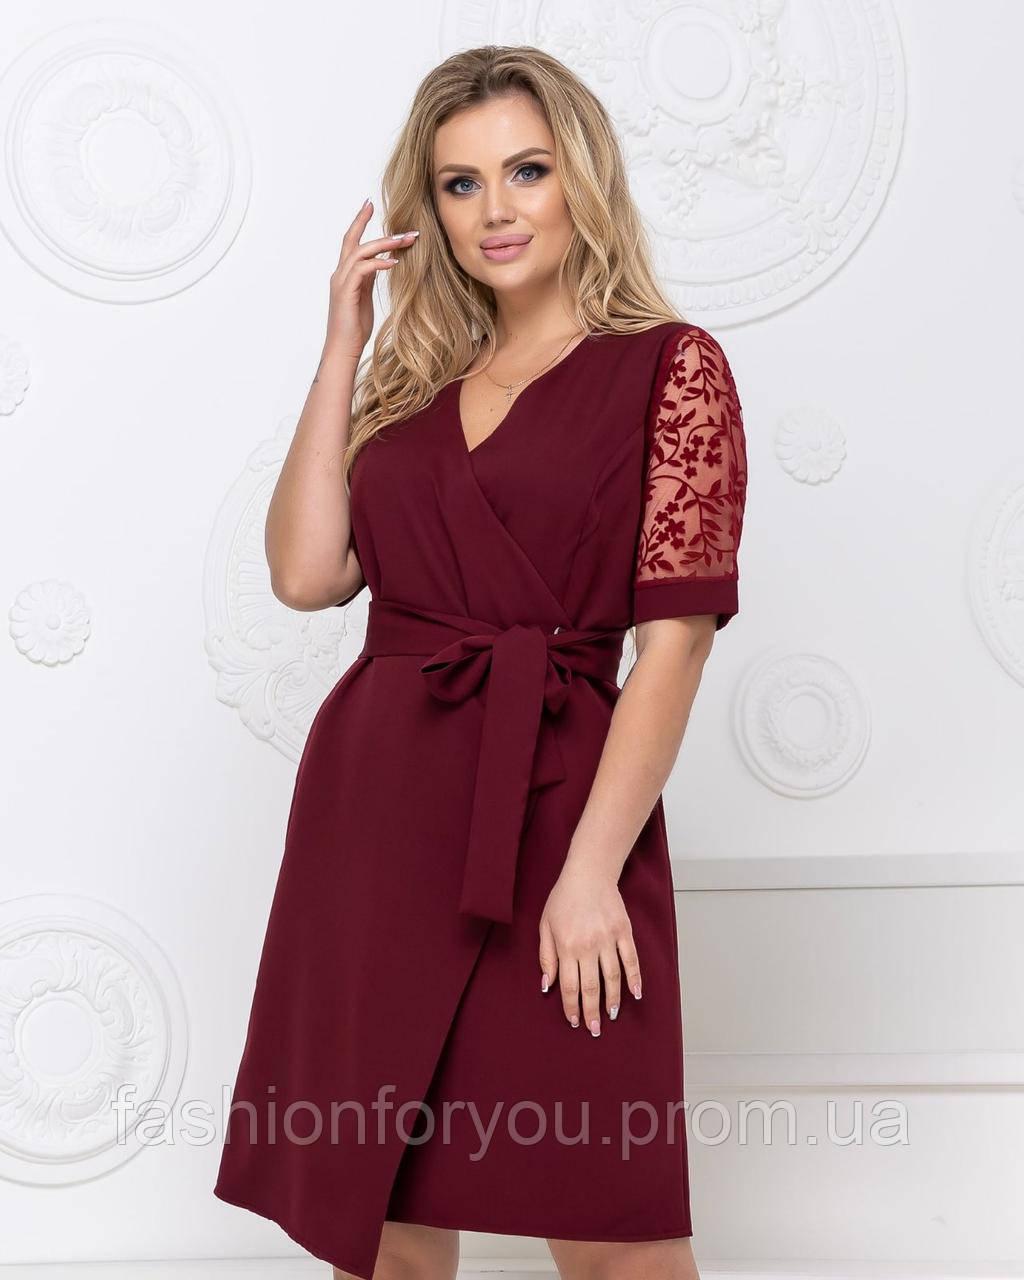 Красивое женское платье на запах Мод.7087